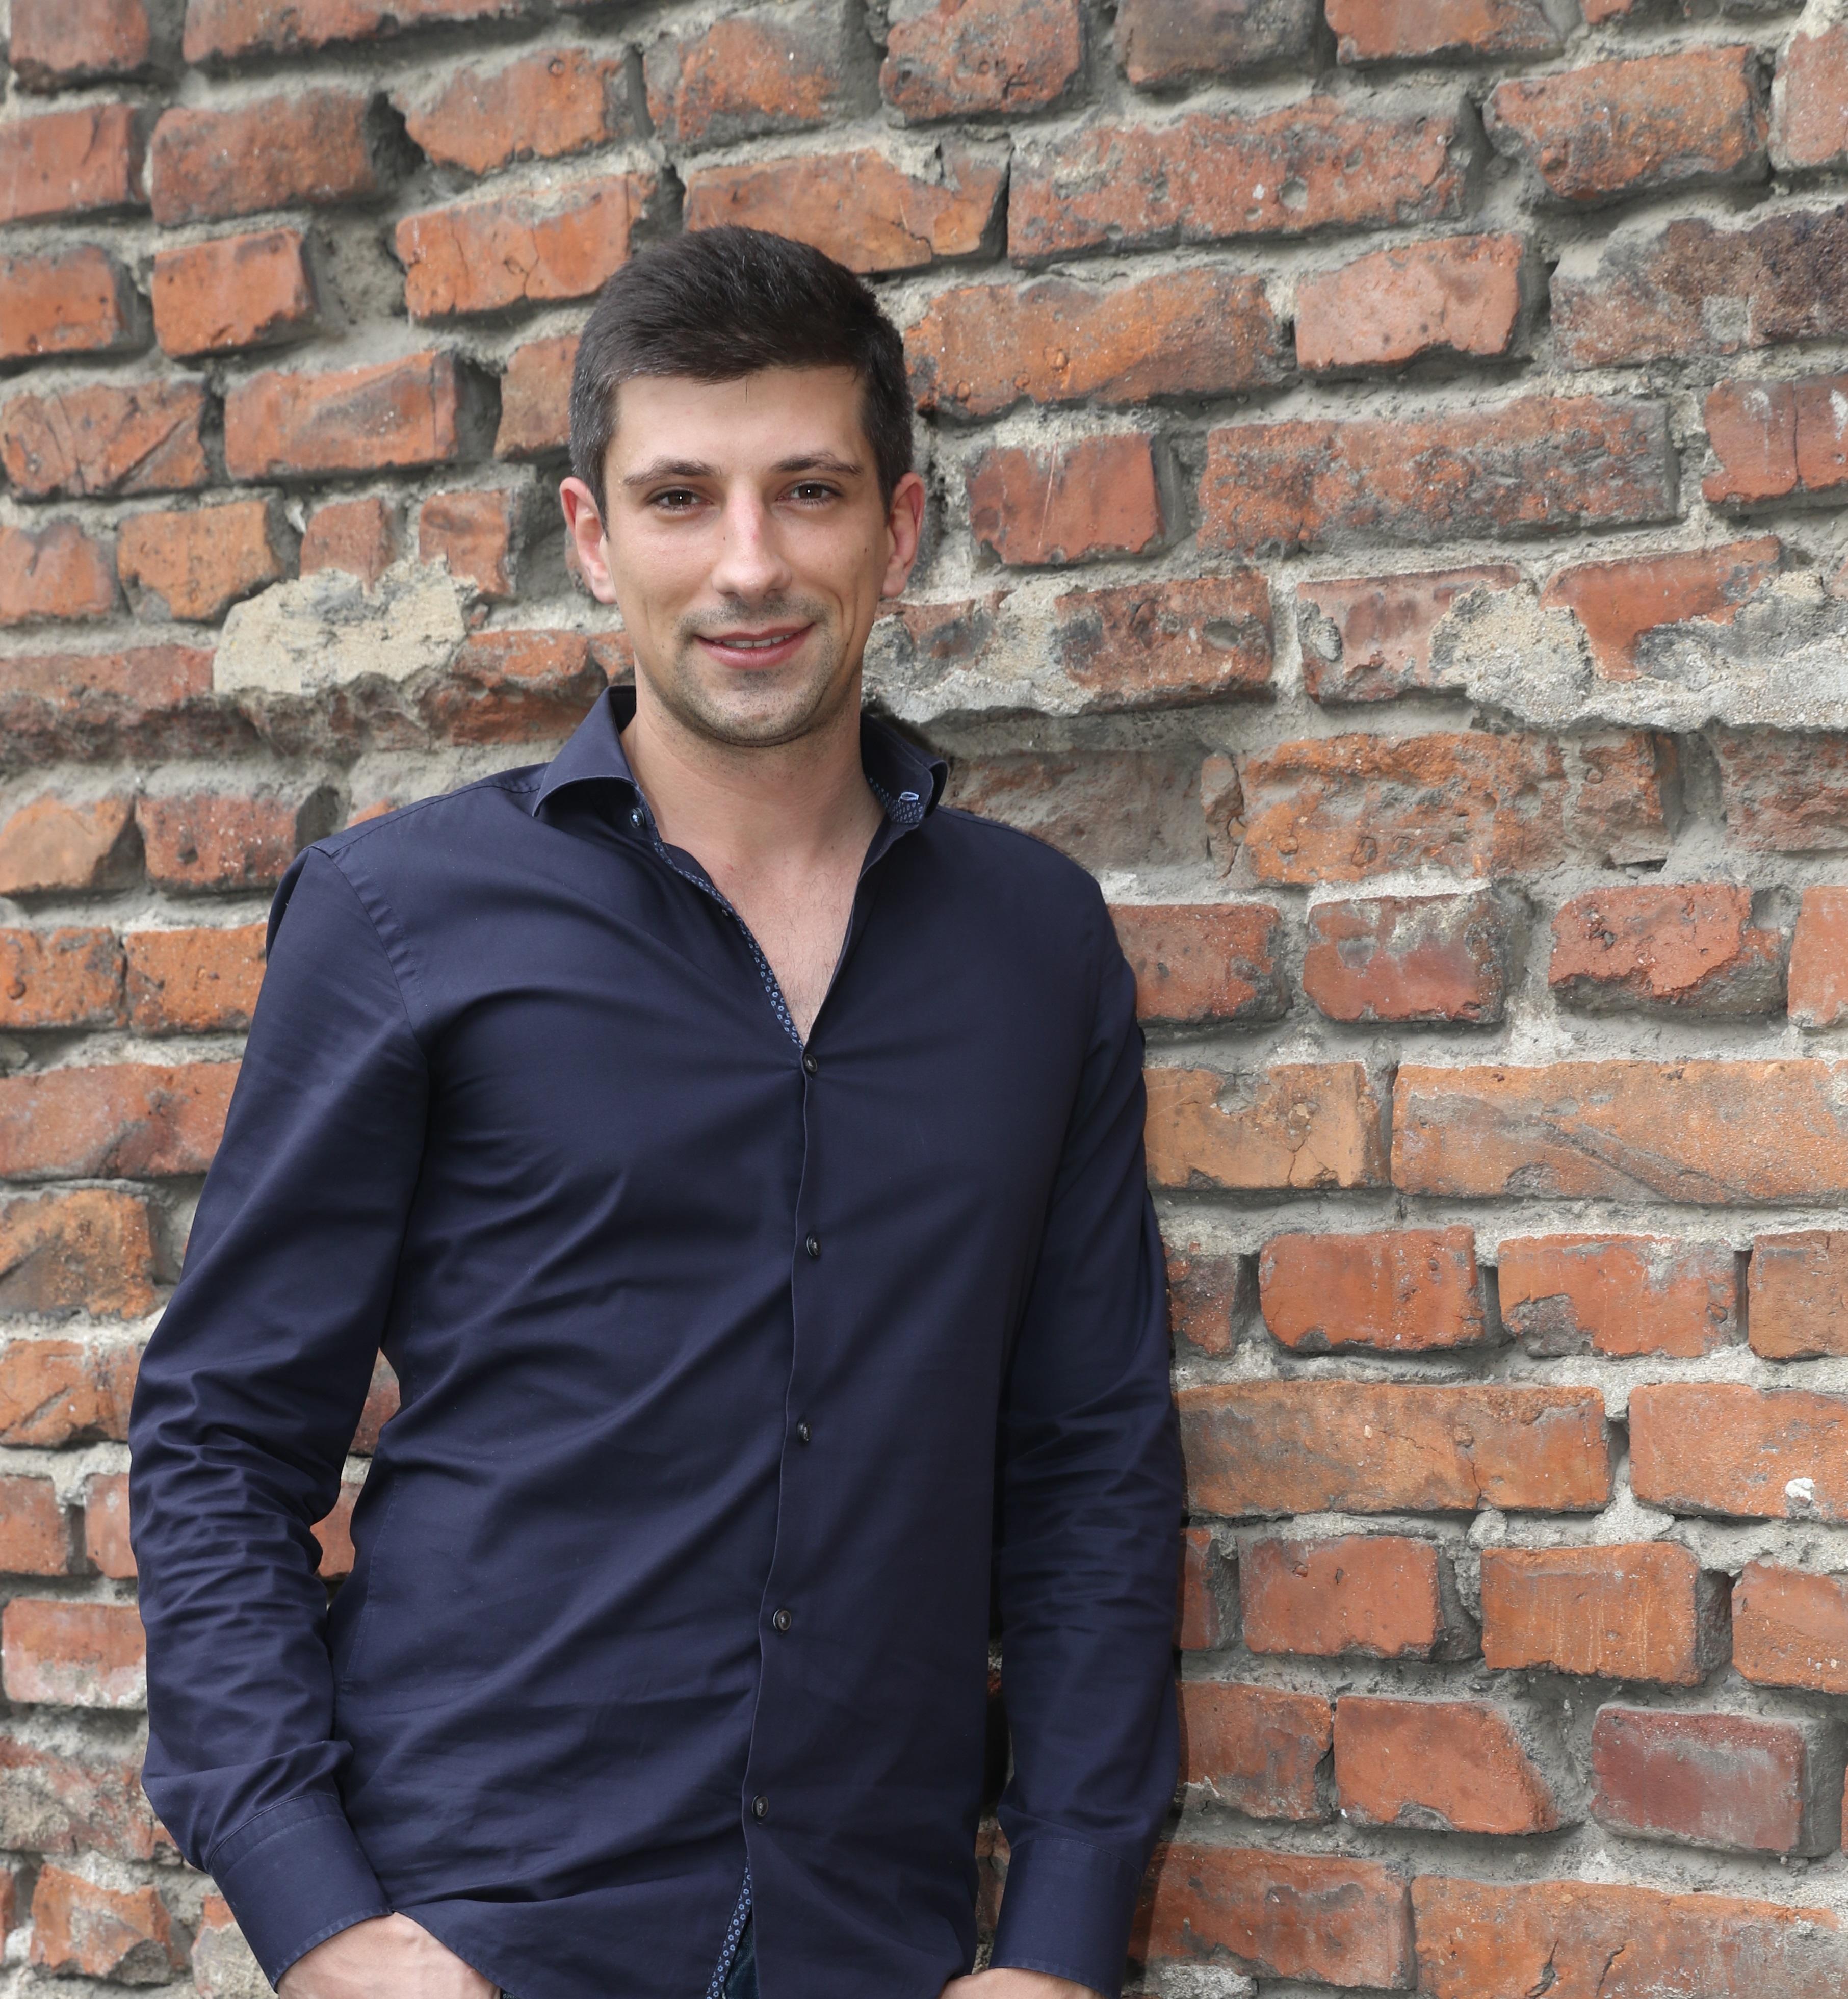 Борис Павлов 10 години живее, учи и работи в чужбина.